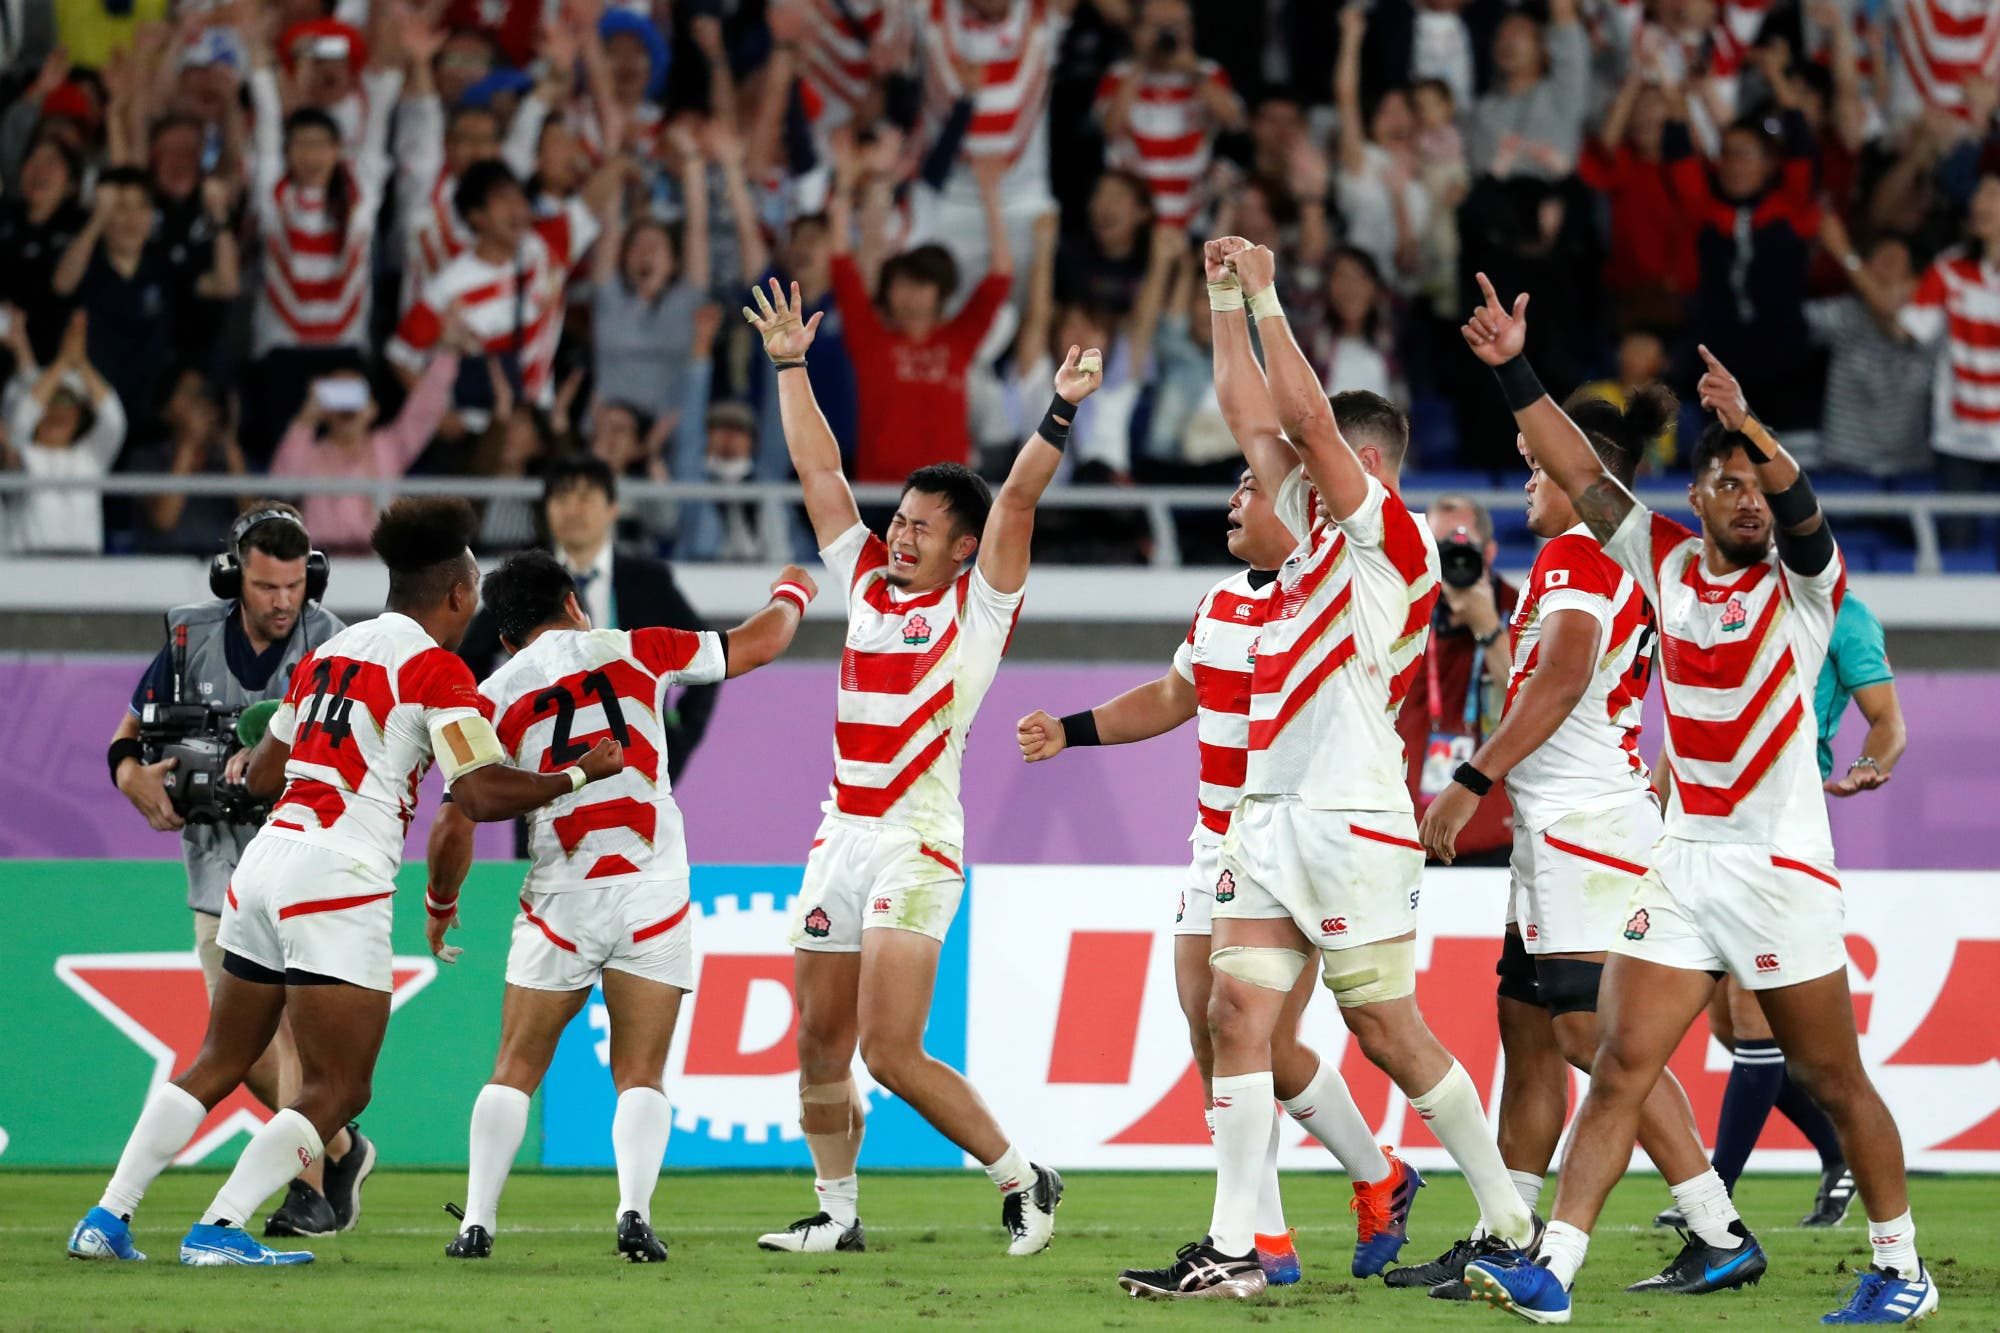 Mundial de rugby Japón 2019: así se jugarán los cuartos de final